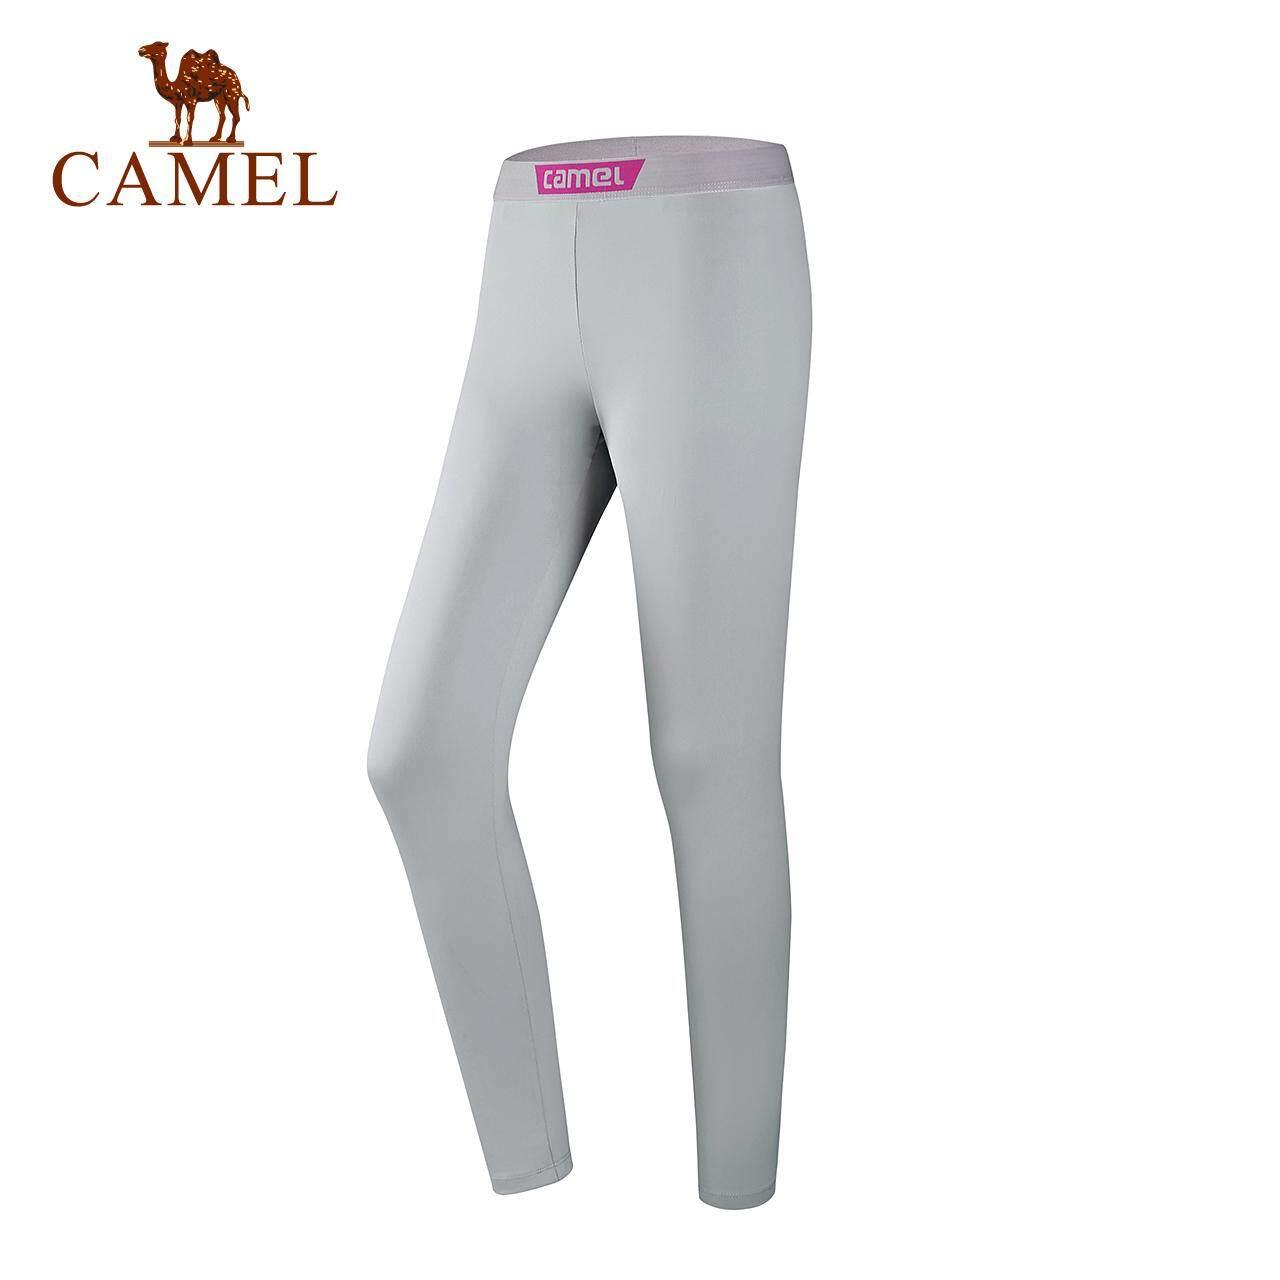 Giá bán Lạc Đà Quần thể thao thun nữ chặt tập yoga nhanh khô bụng giảm béo áo thể dục đan quần legging